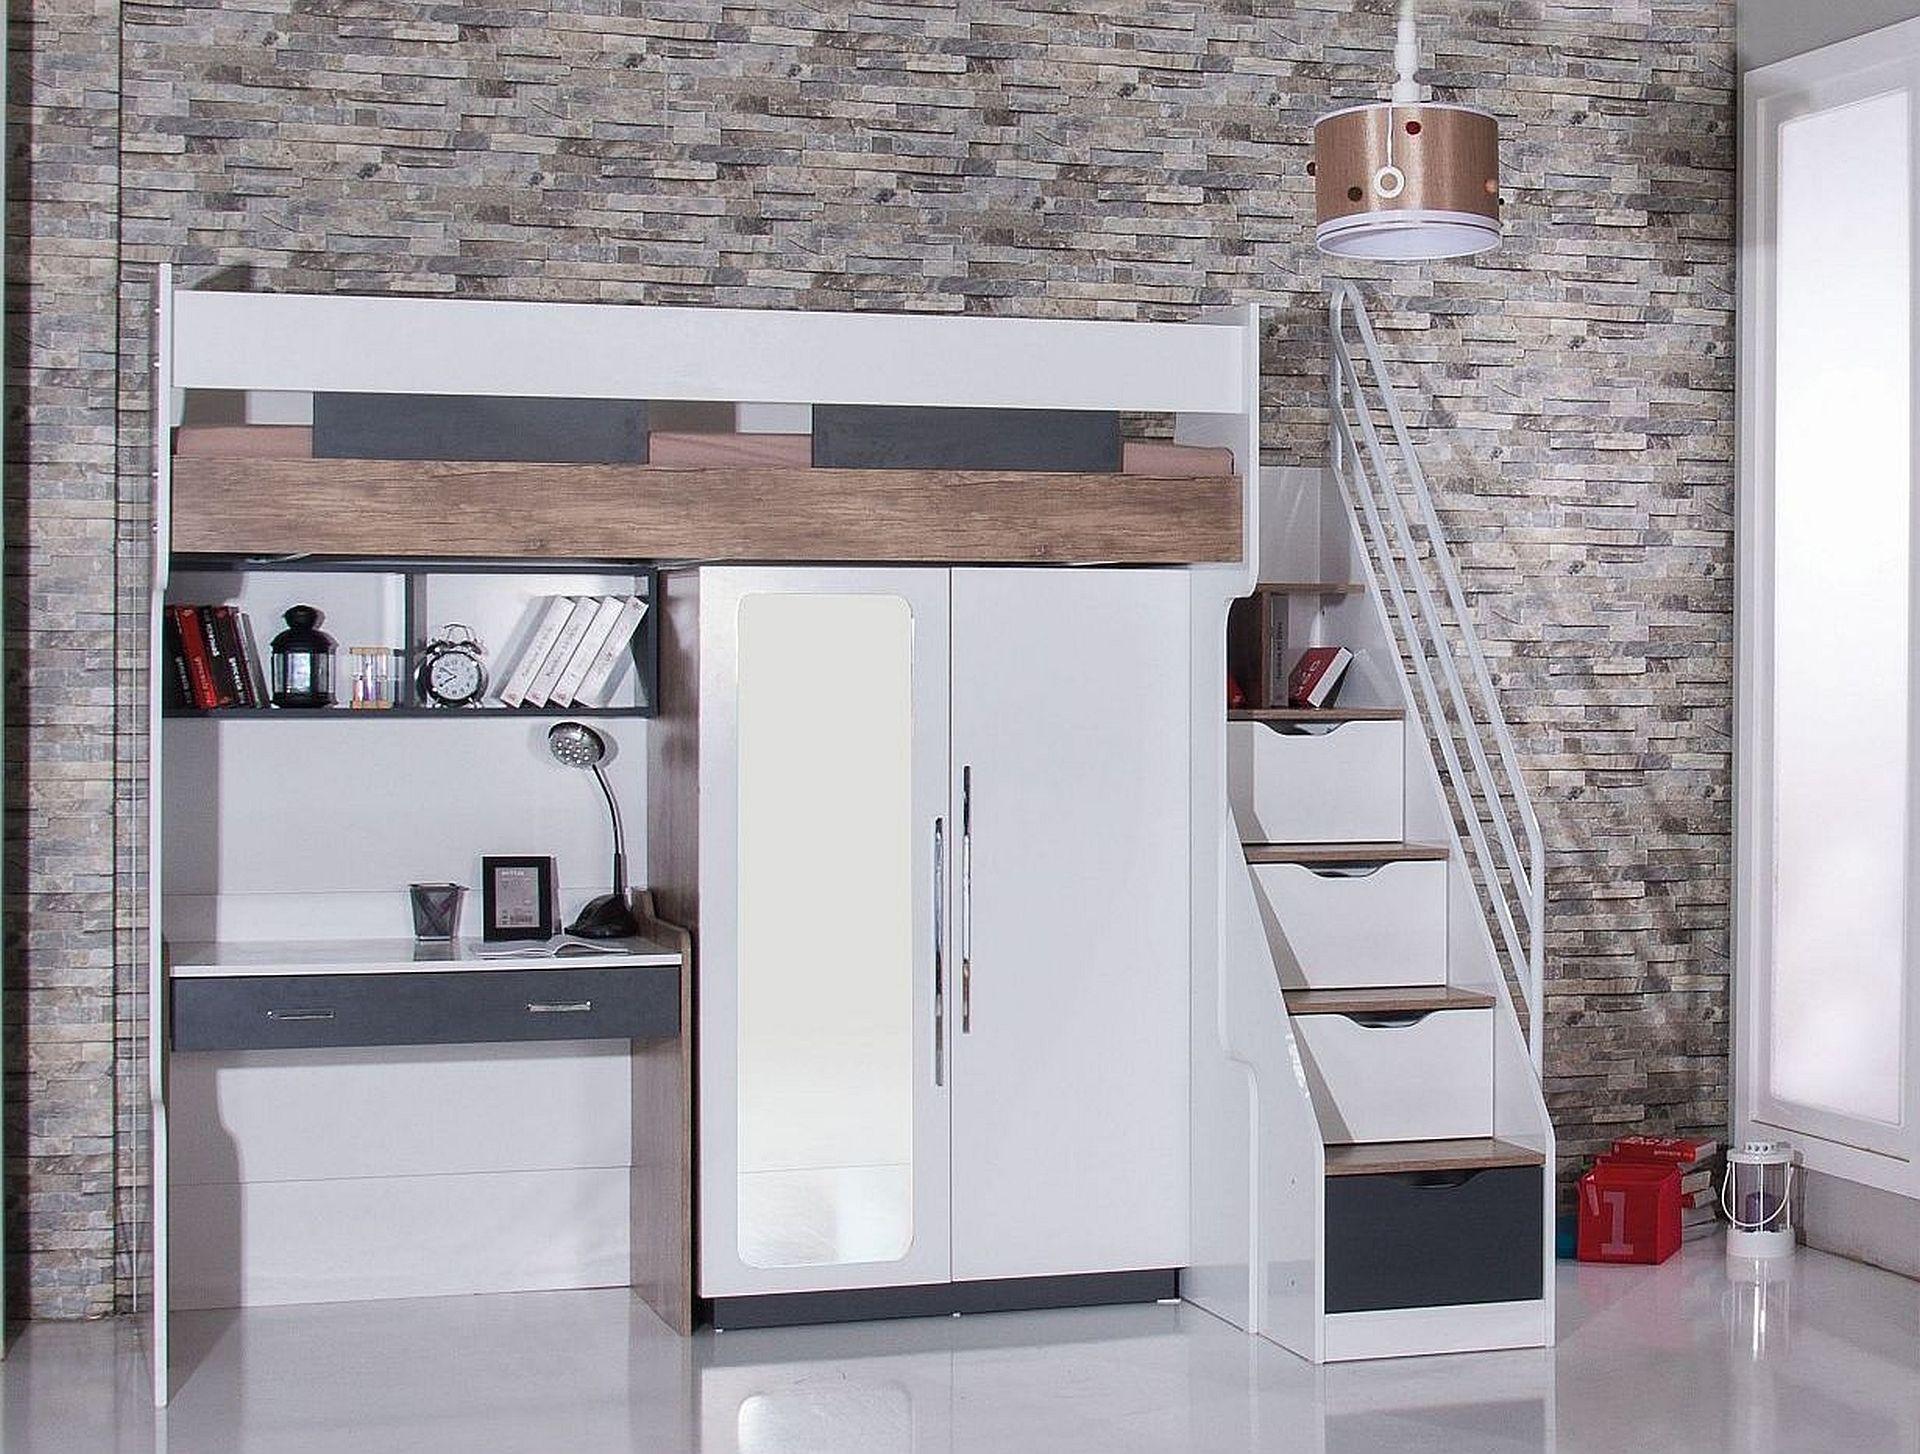 multifunktionshochbett compact 5 mit schreibtisch kleiderschrank hochbett traum m. Black Bedroom Furniture Sets. Home Design Ideas